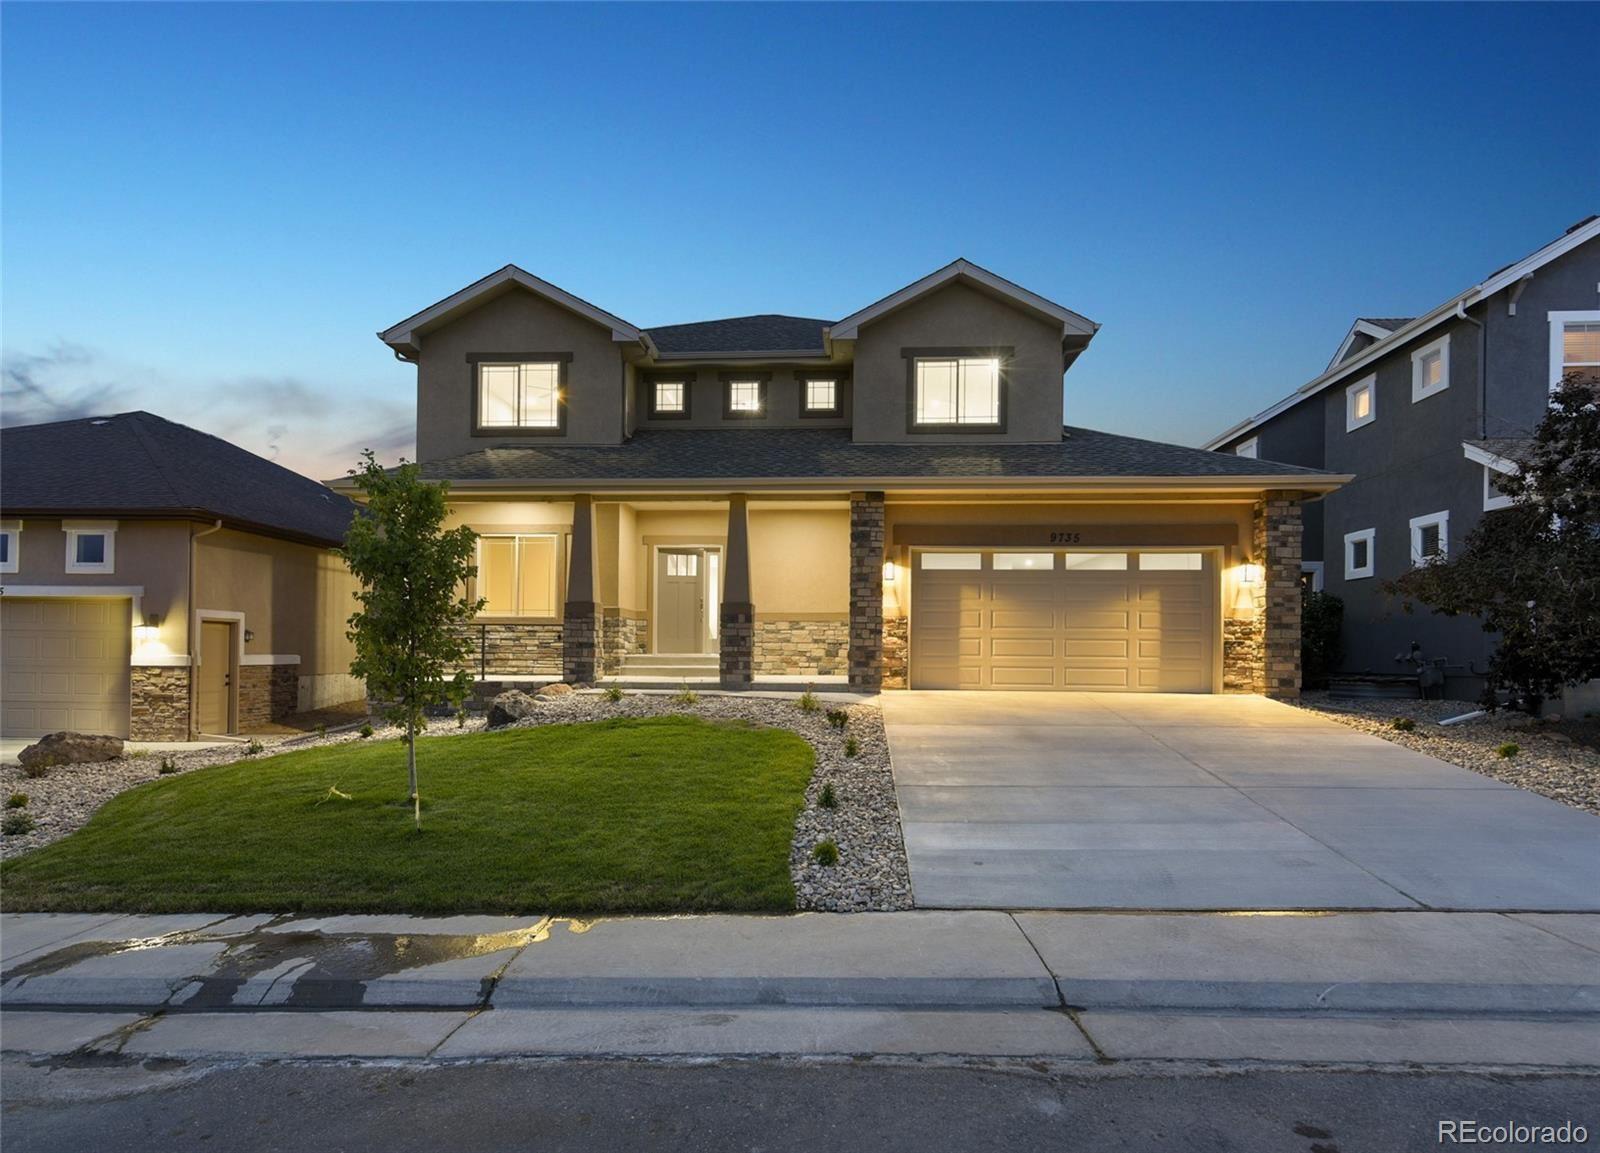 9735 W Ontario Place, Littleton, CO 80128 - #: 1828079